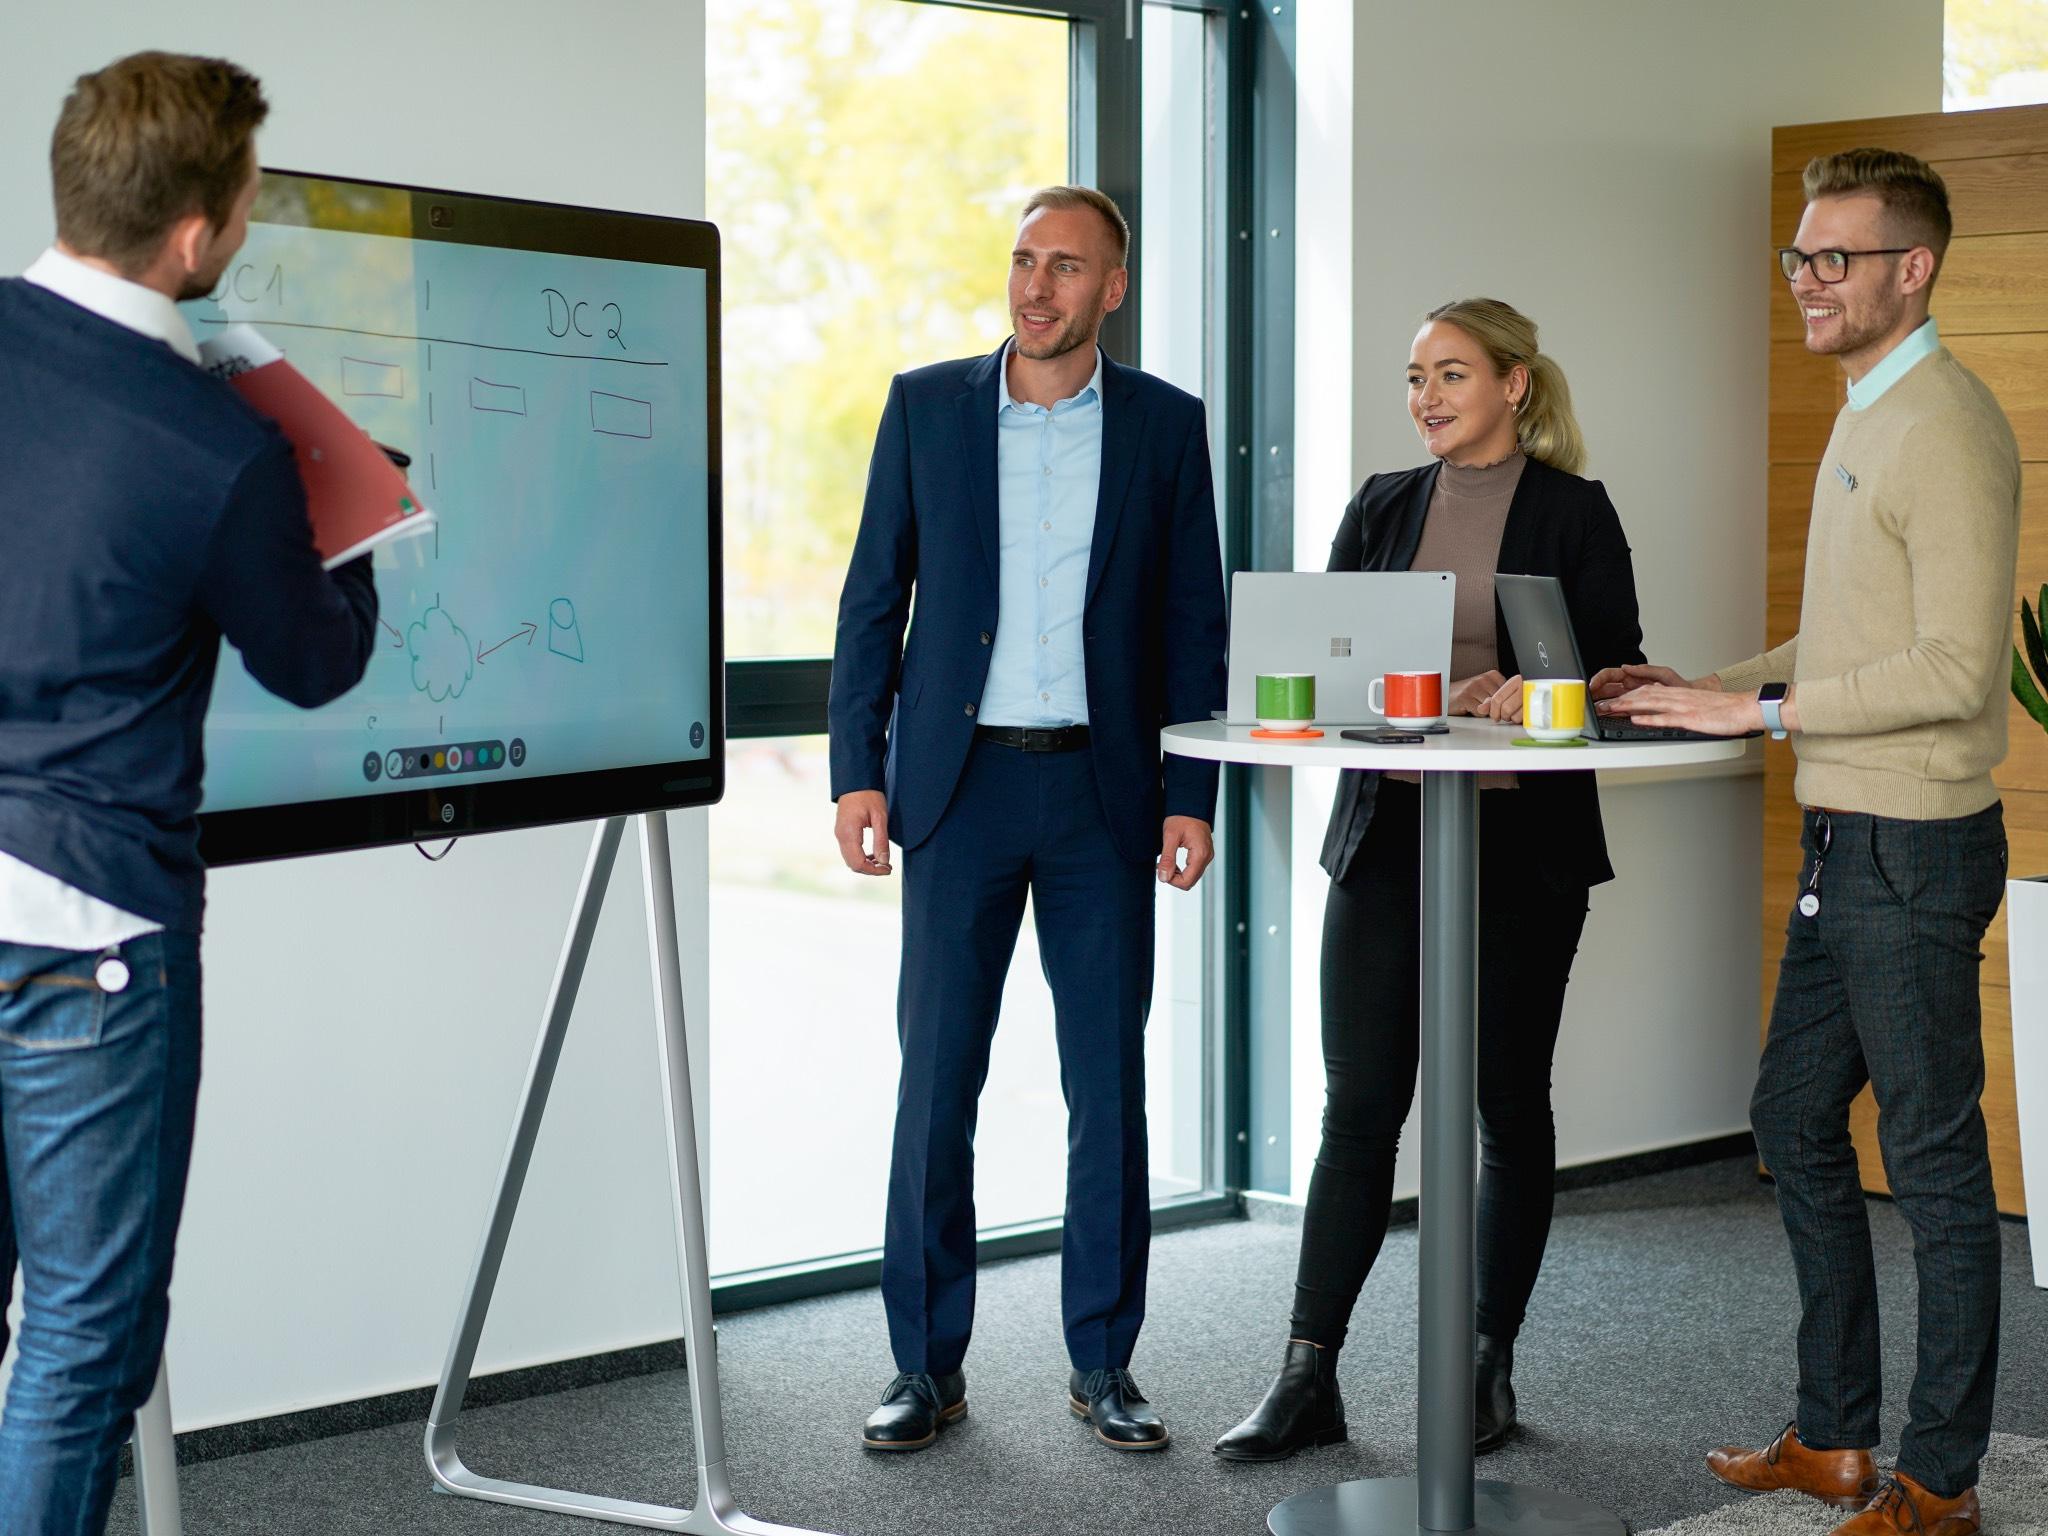 """Alles rund um das Thema """"digitale Zukunft"""" erfahren – beim IT Solution Day der Firma Bechtle. Foto: Konstantin Winter"""